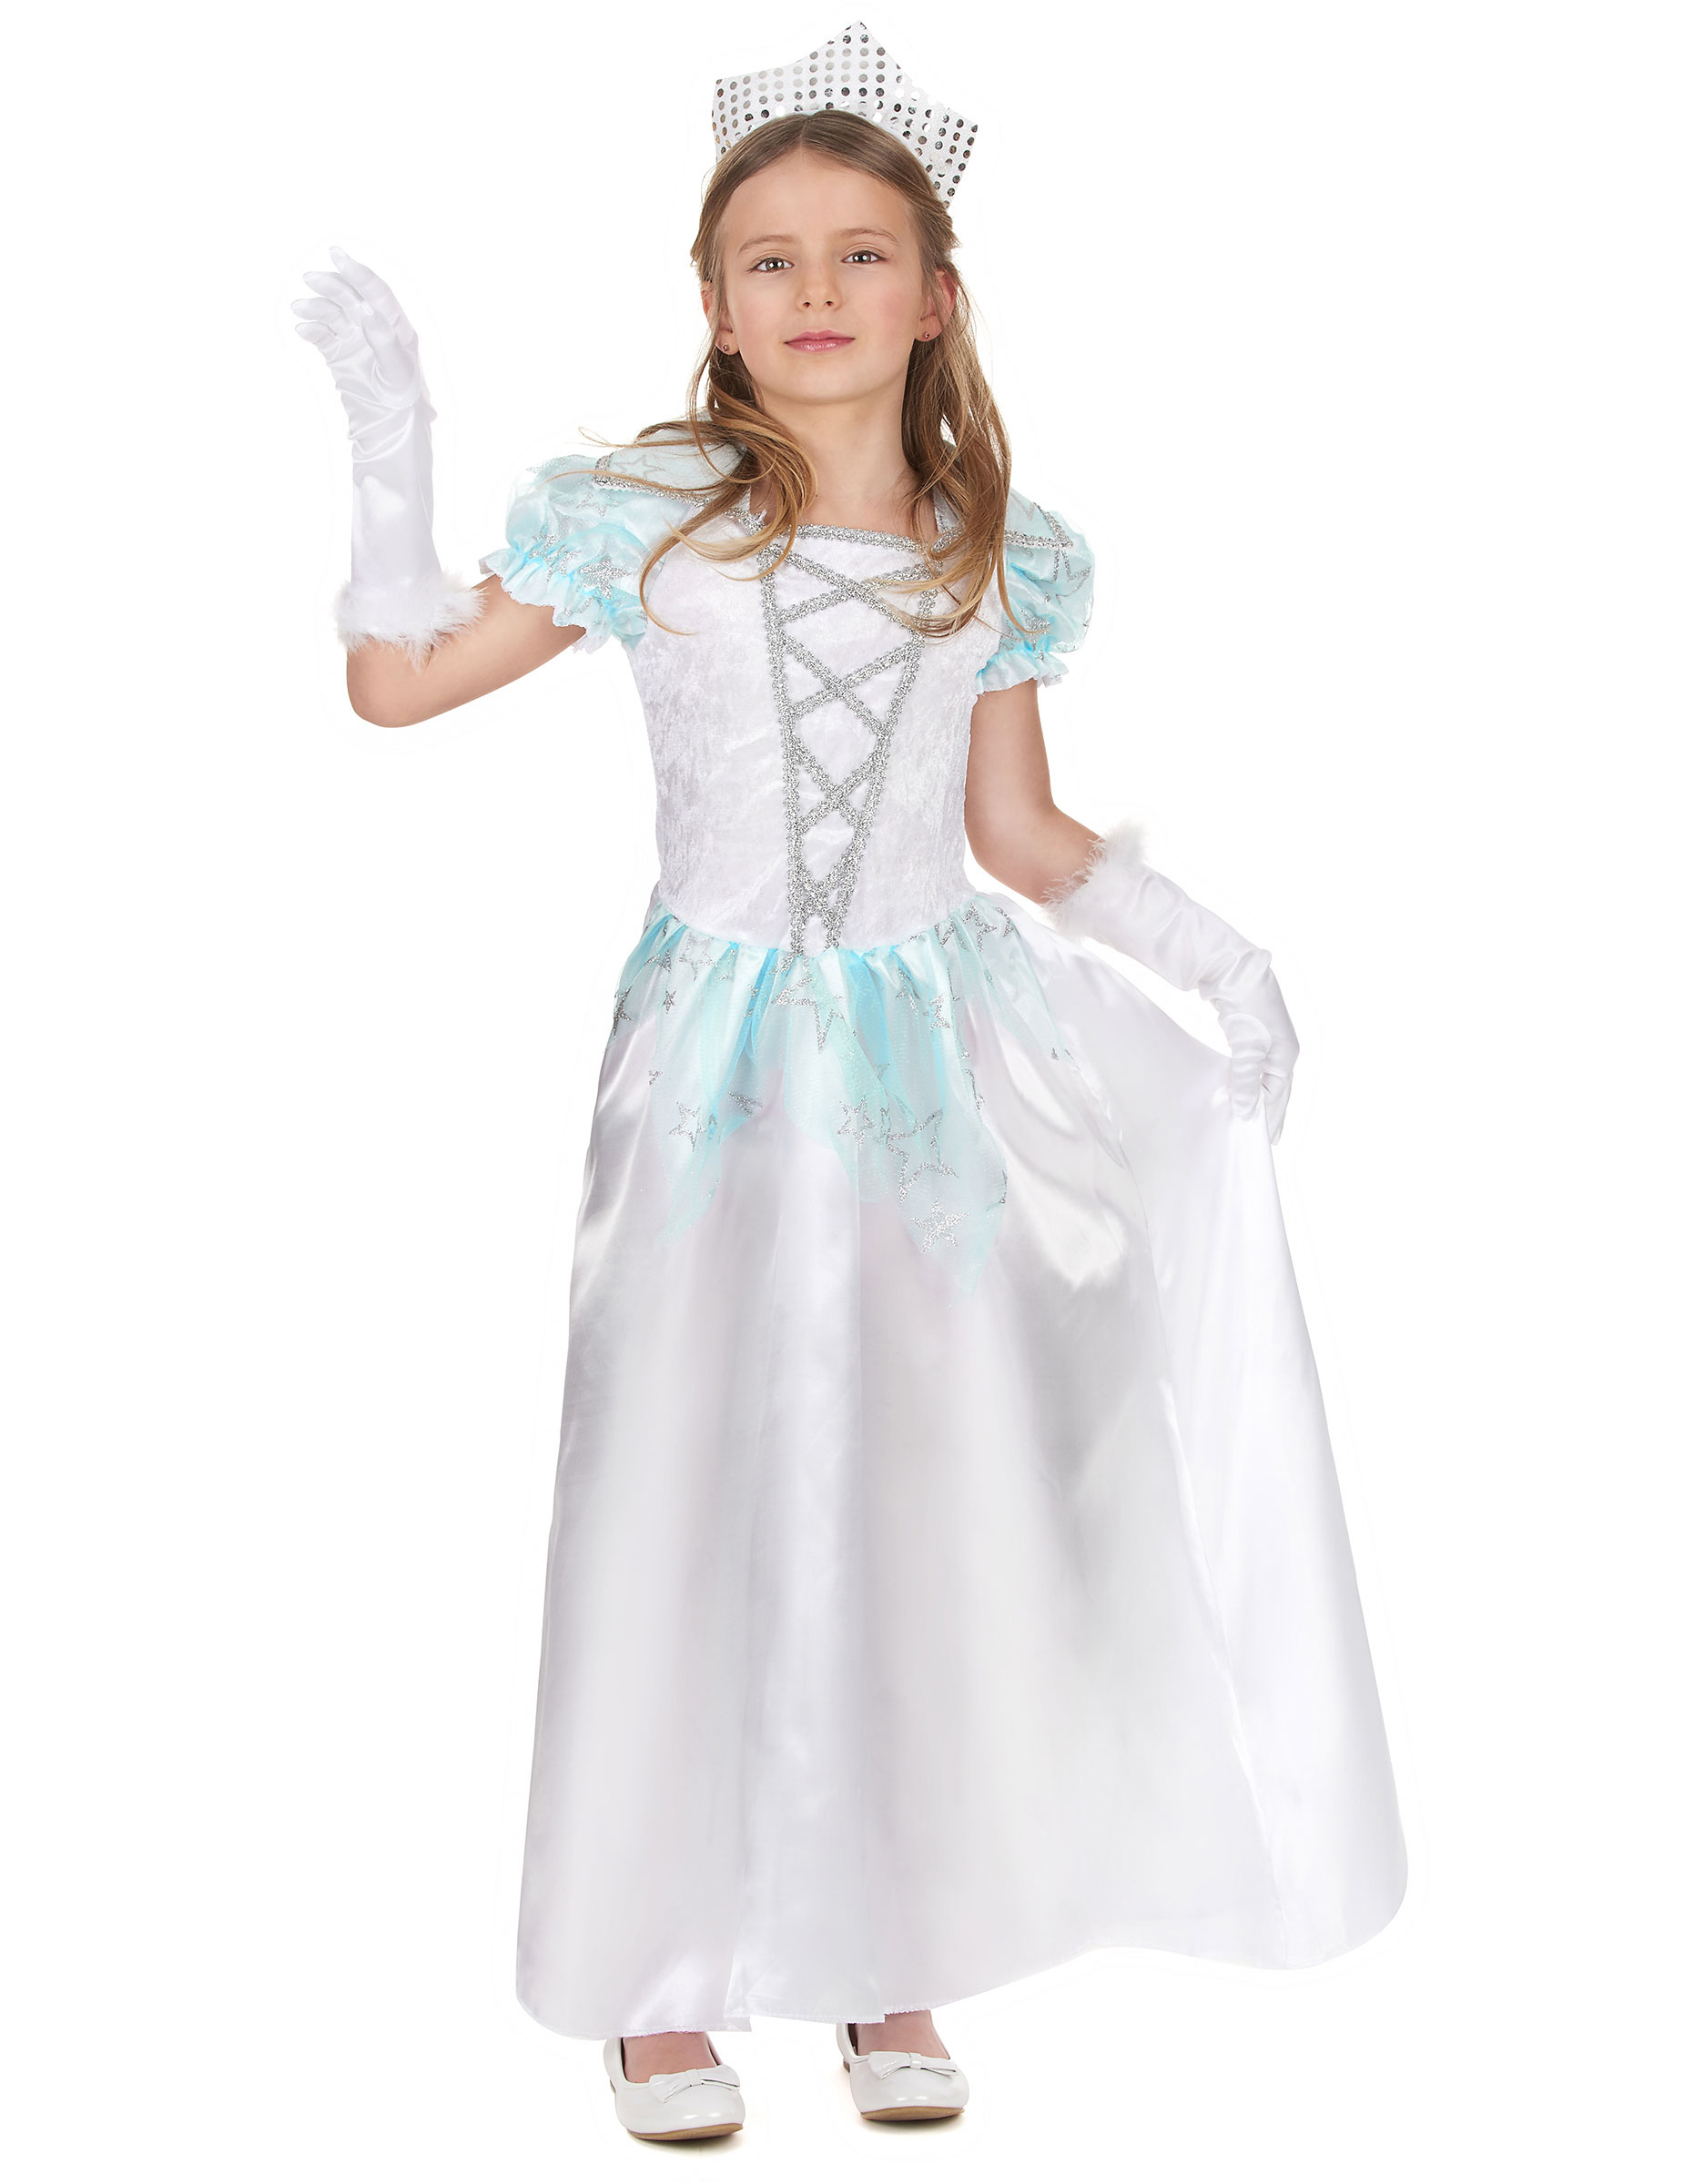 Prinzessin Kostum Madchen Kostume Fur Kinder Und Gunstige